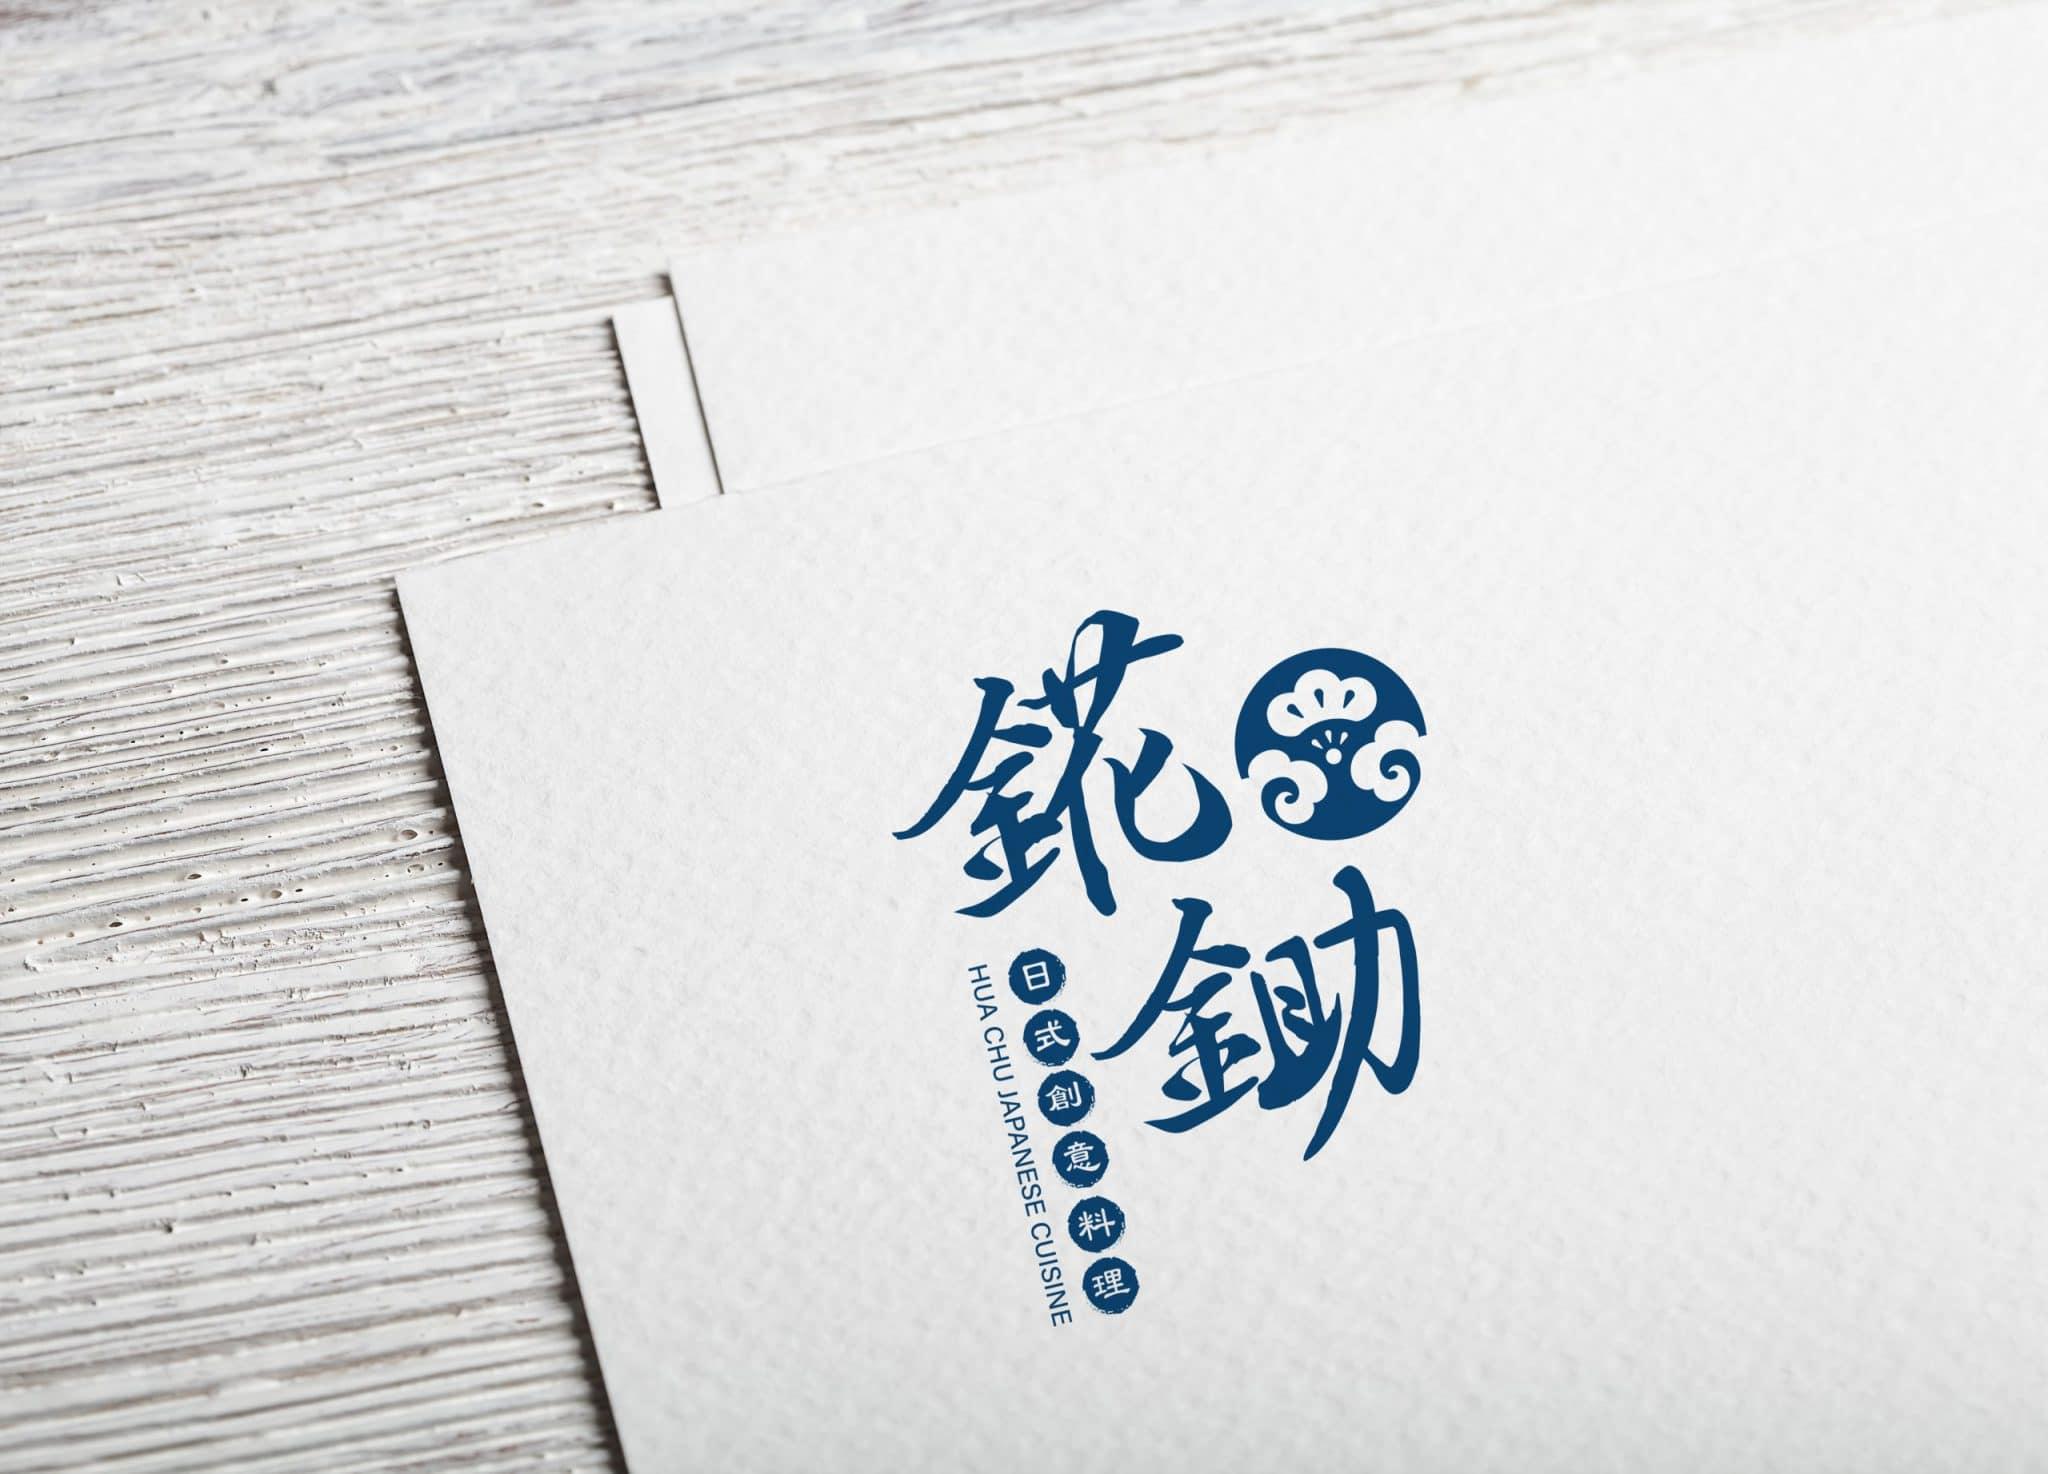 錵鋤日式創意料理 LOGO設計 形象設計 品牌設計 商標設計